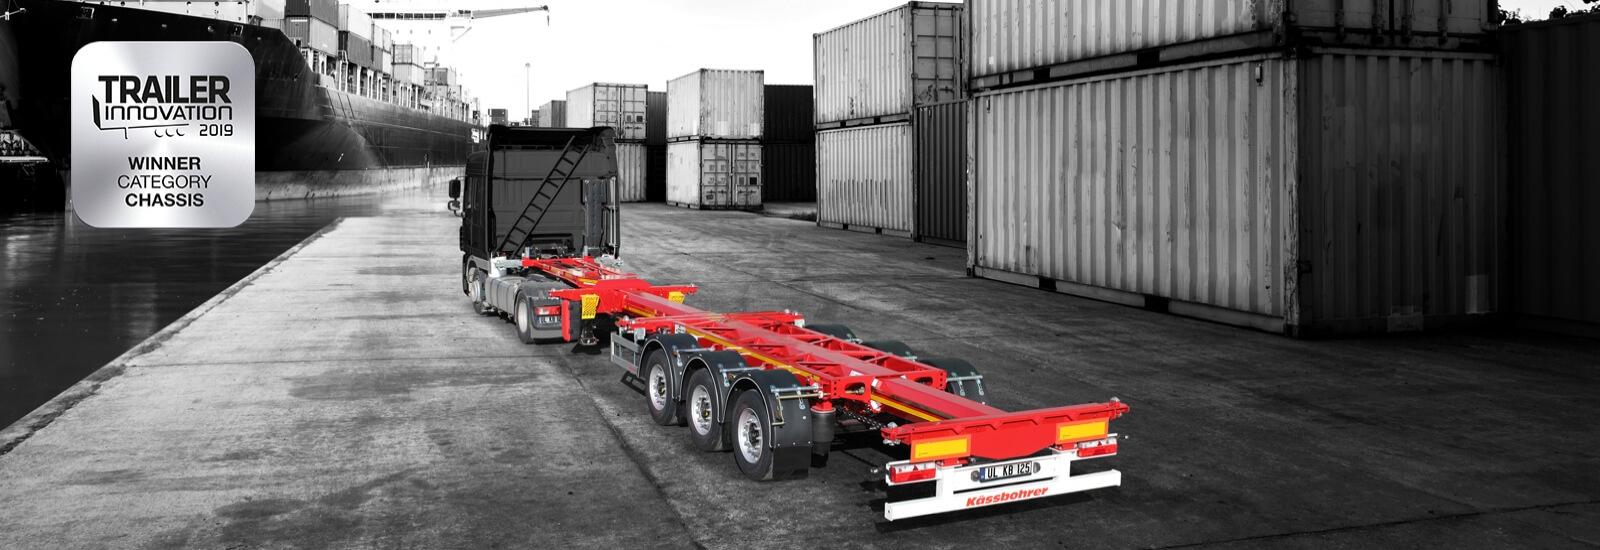 Kassbohrer K.SHG S / 40 - 12 / 27 RU неподвижное контейнерное шасси